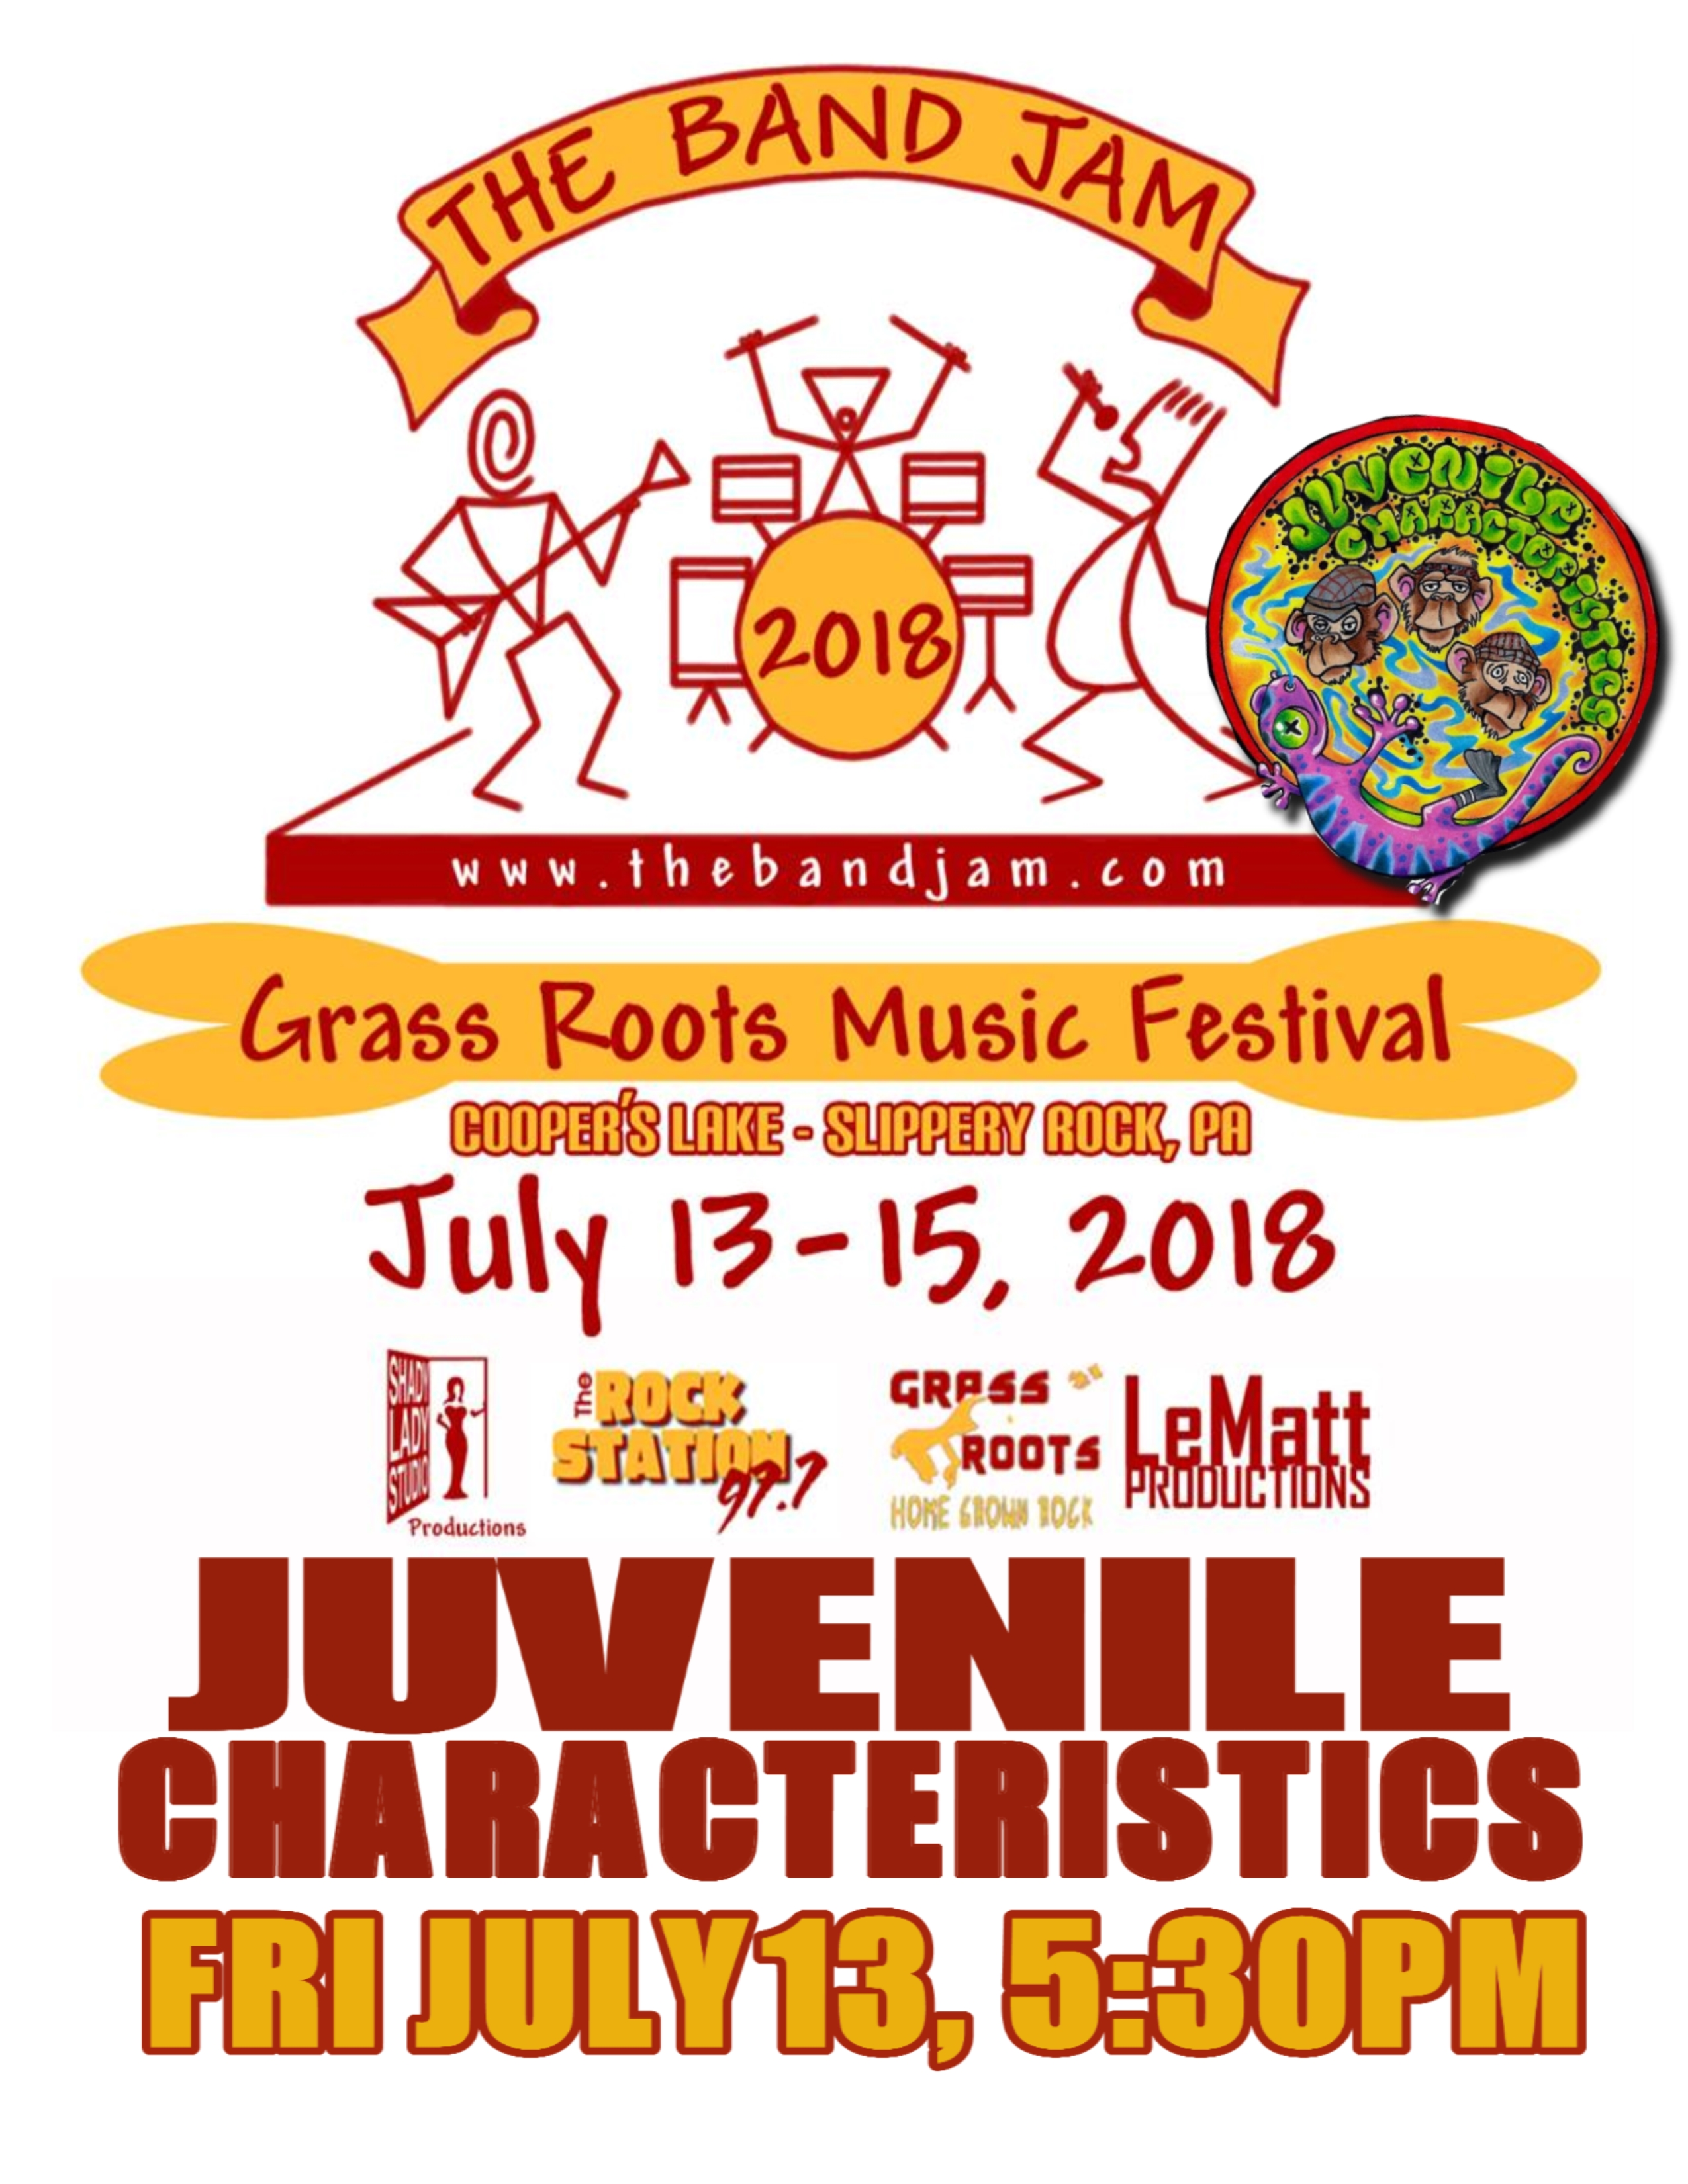 7-13-18 Band Jam Festival